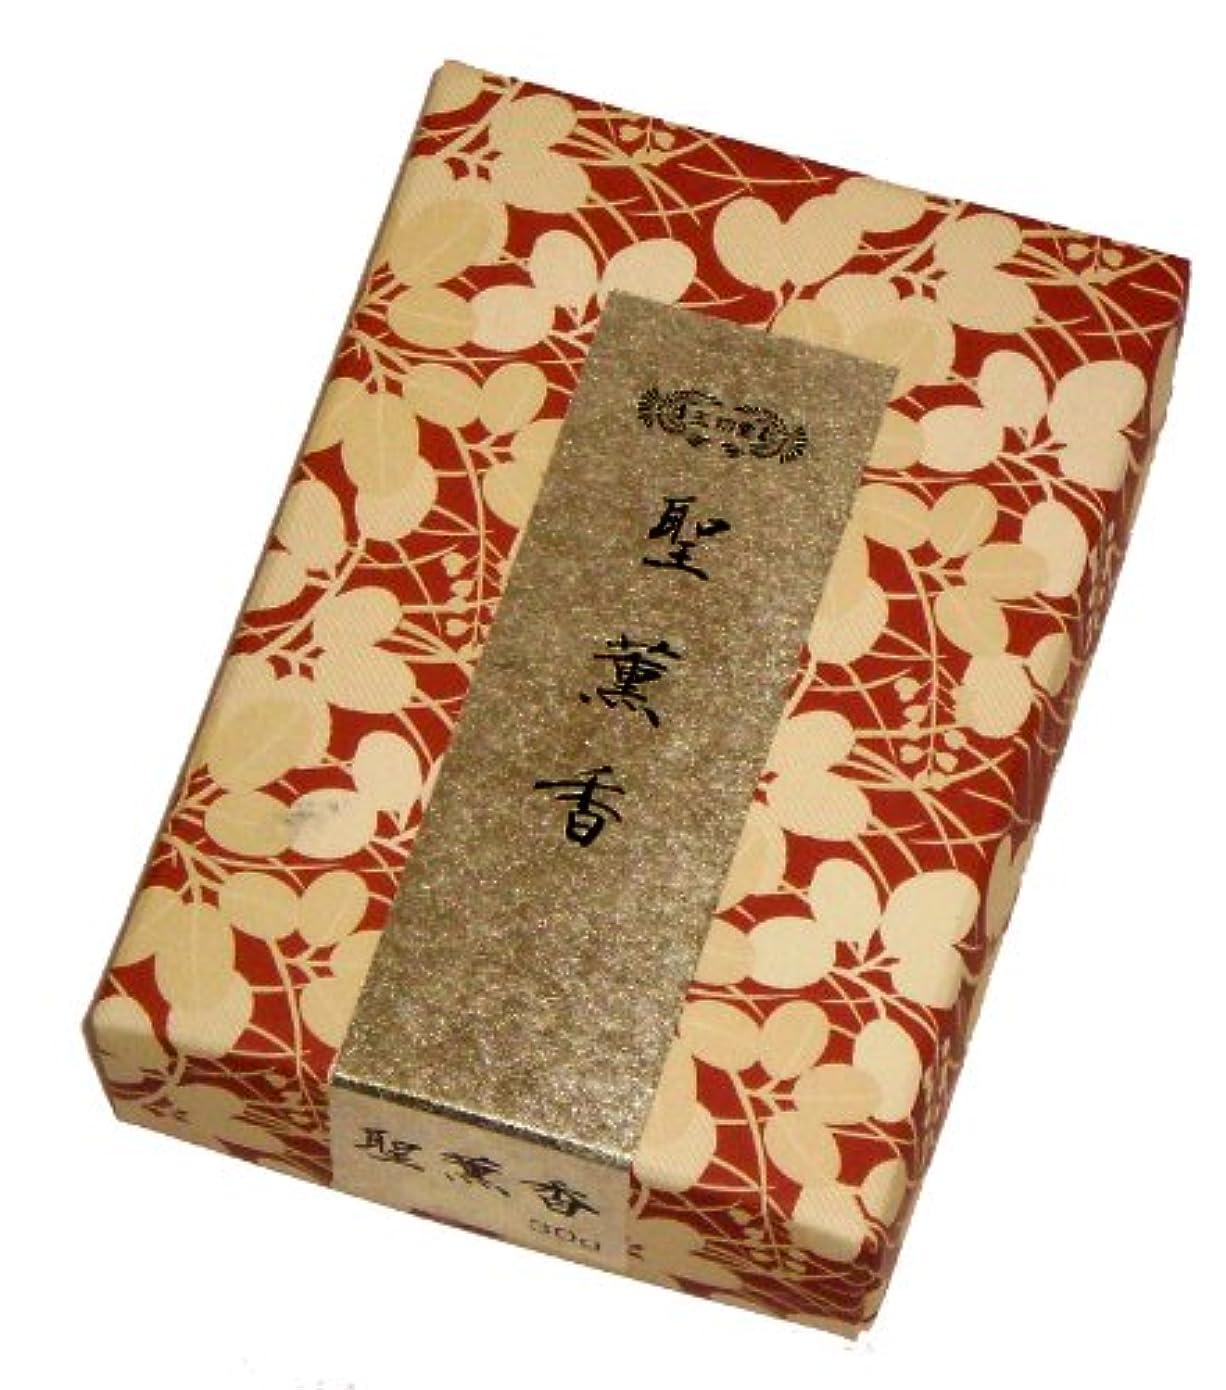 コンベンション支店引き受ける玉初堂のお香 聖薫香 30g #635